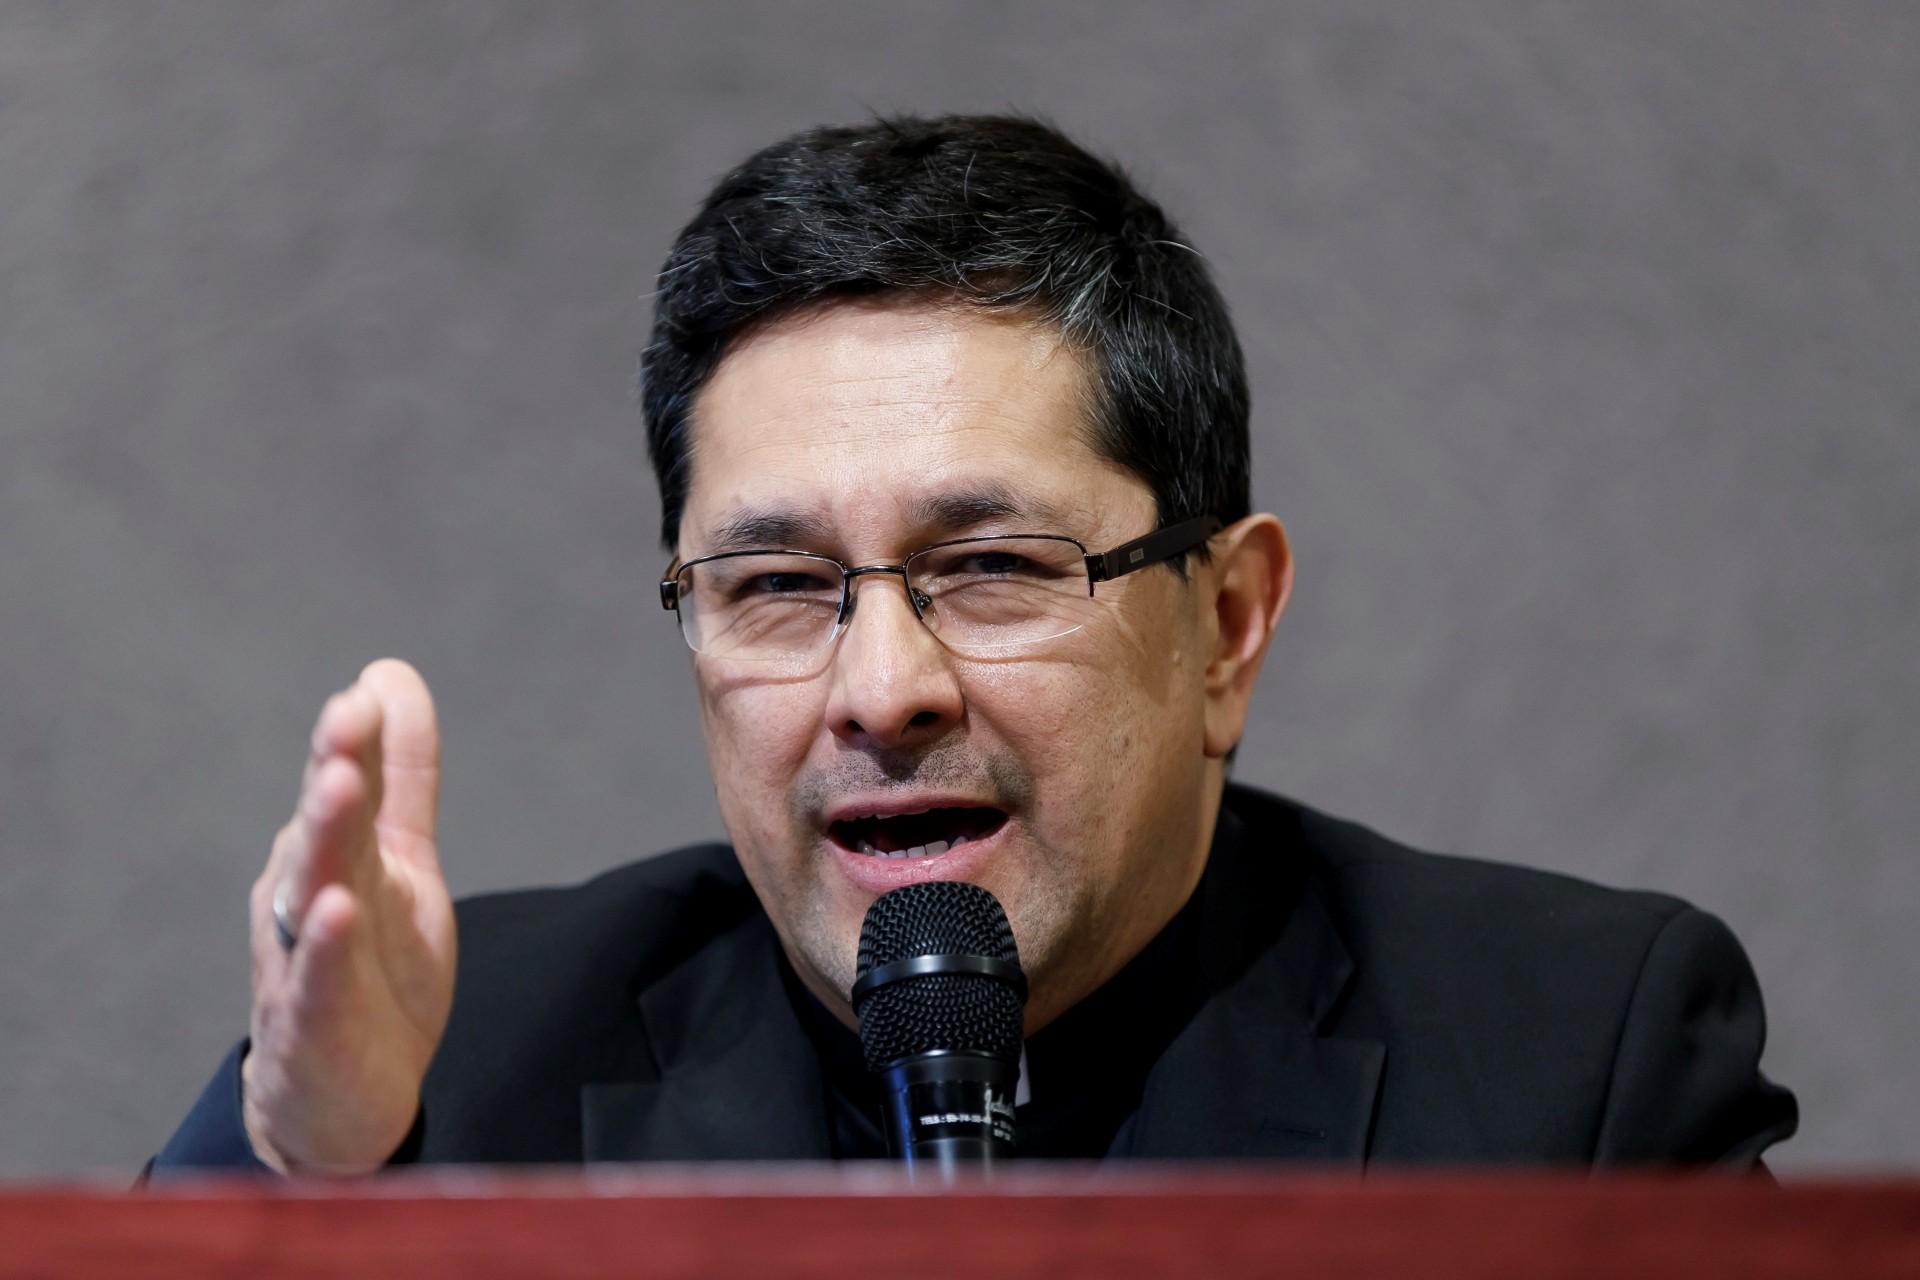 El CEM informó que de los casos registrados en los últimos nueve años, se ha vinculado a 64 diócesis de las 95 que existen en el país (Foto: EFE/José Méndez)